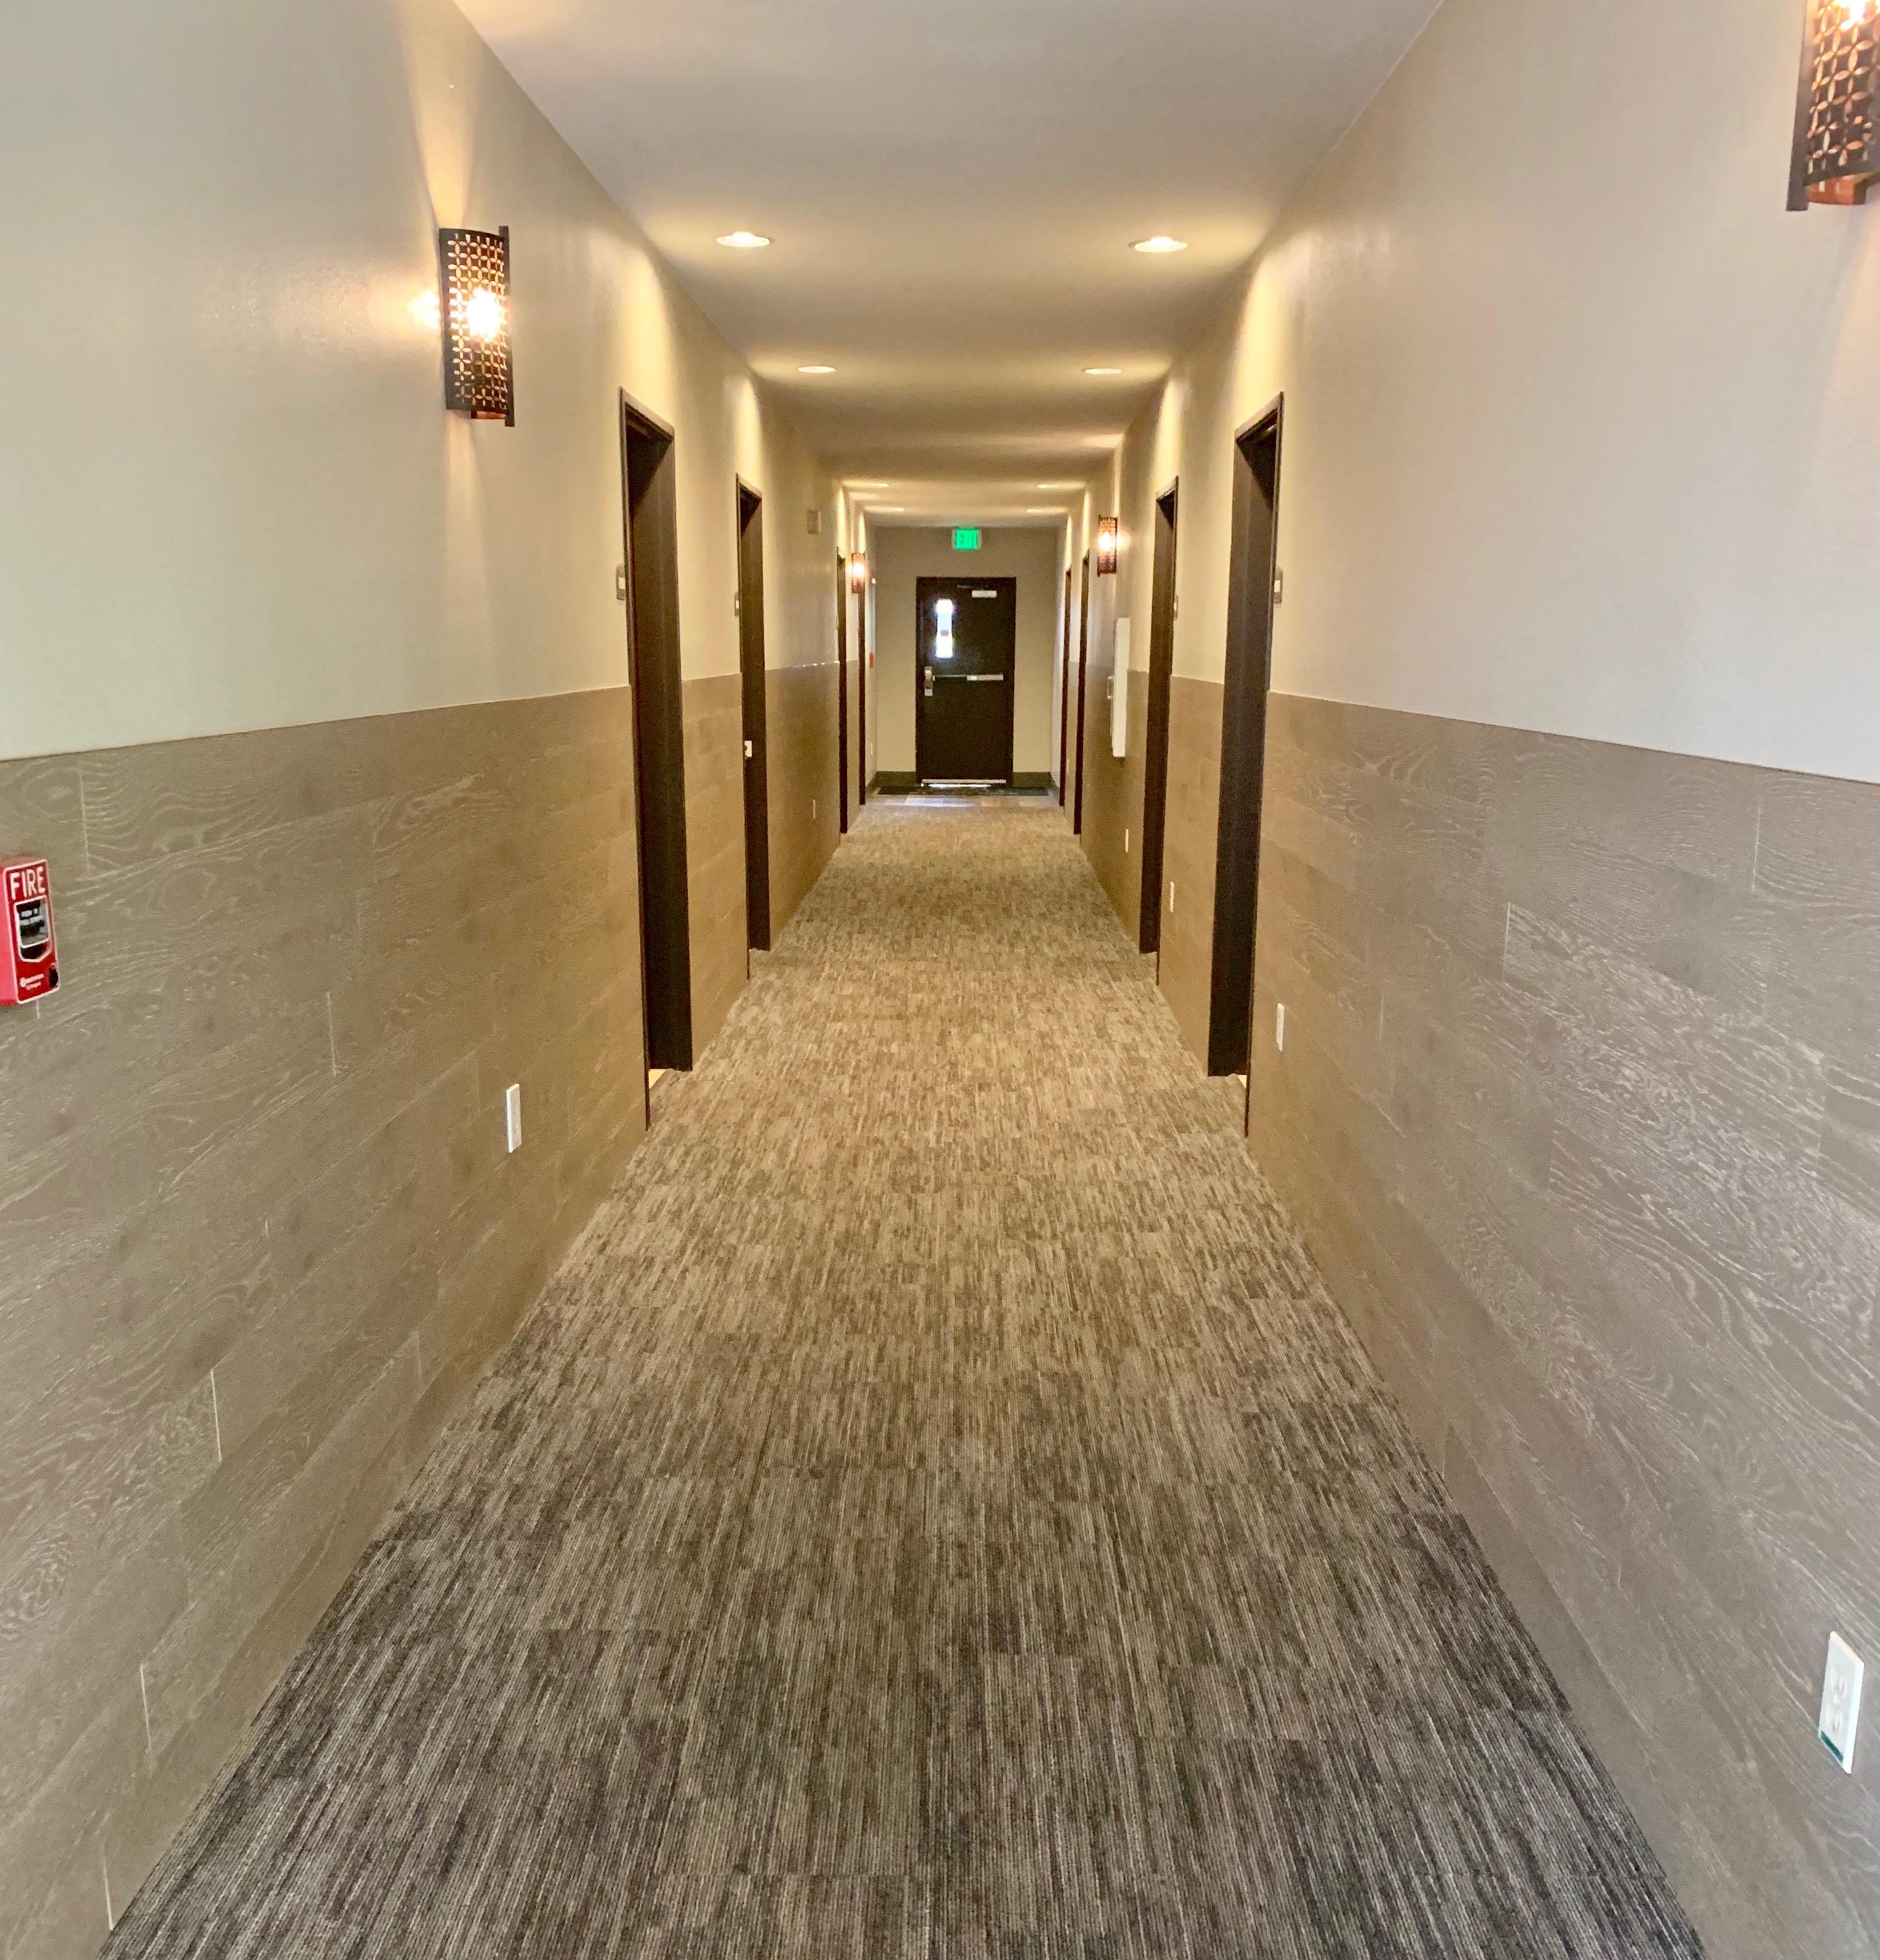 quality inn springdale zion national park hotel lobby